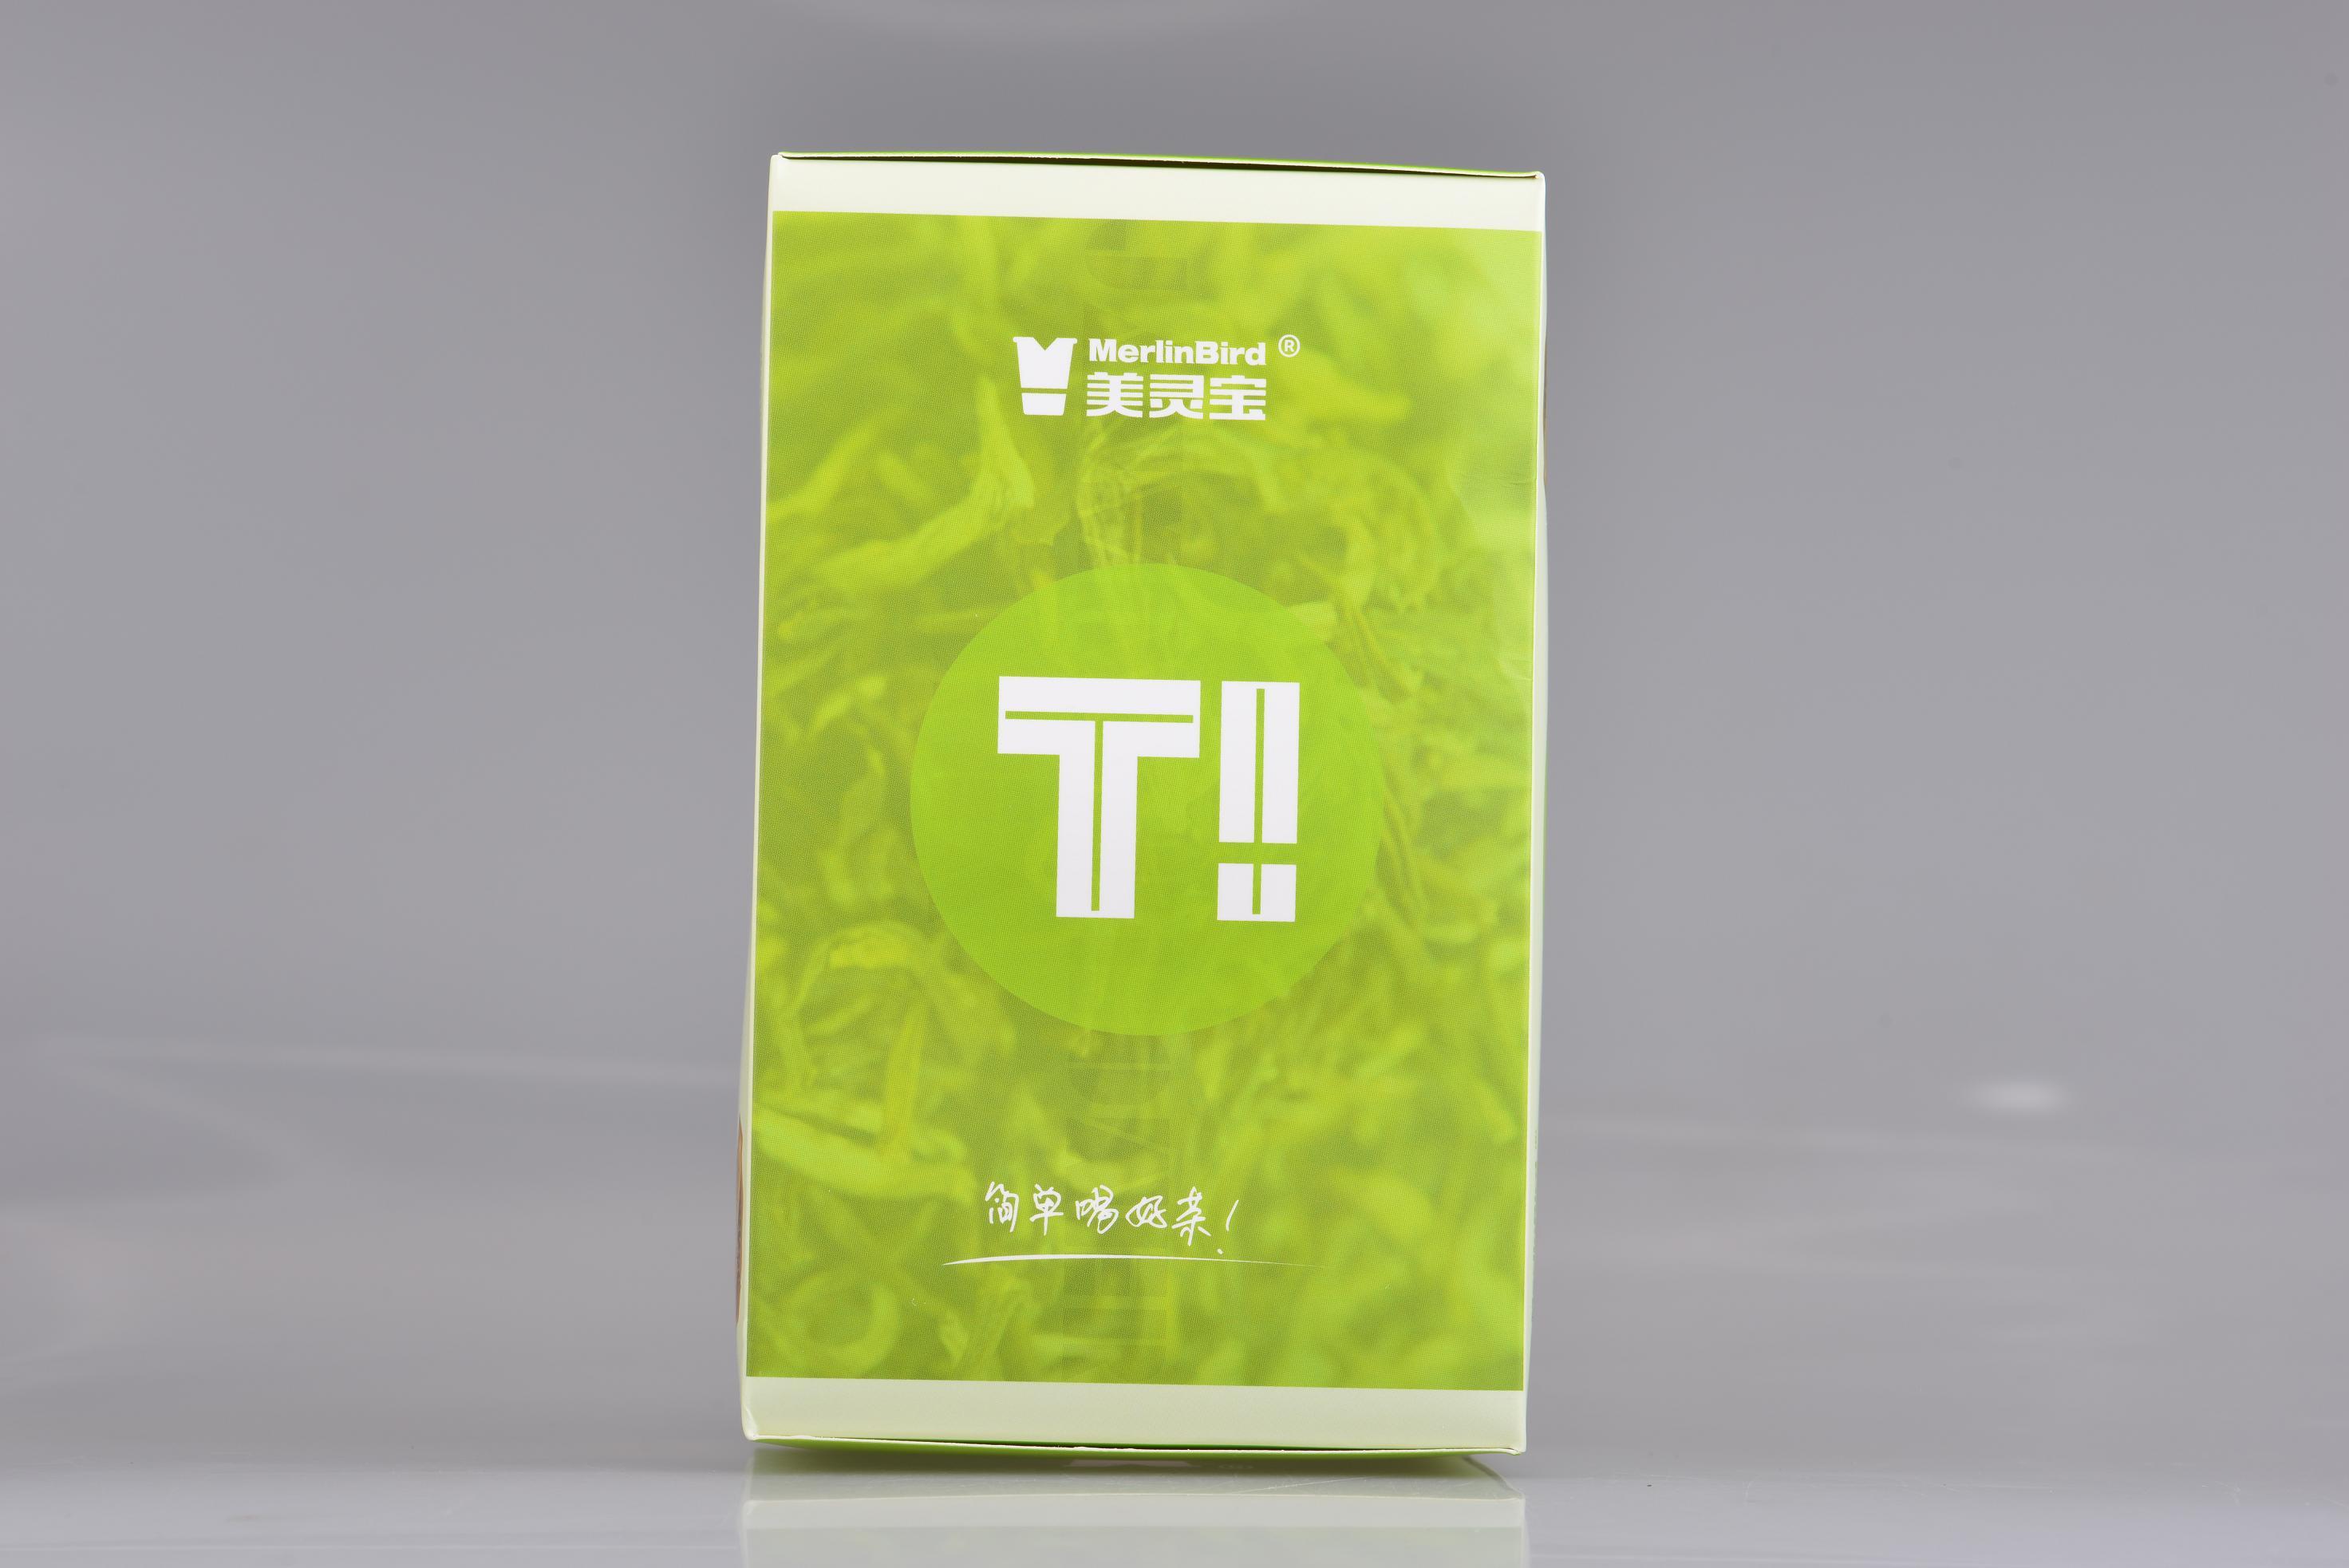 买二送一 再加工茶袋泡茶系列 茉莉花茶 袋泡茶 美灵宝